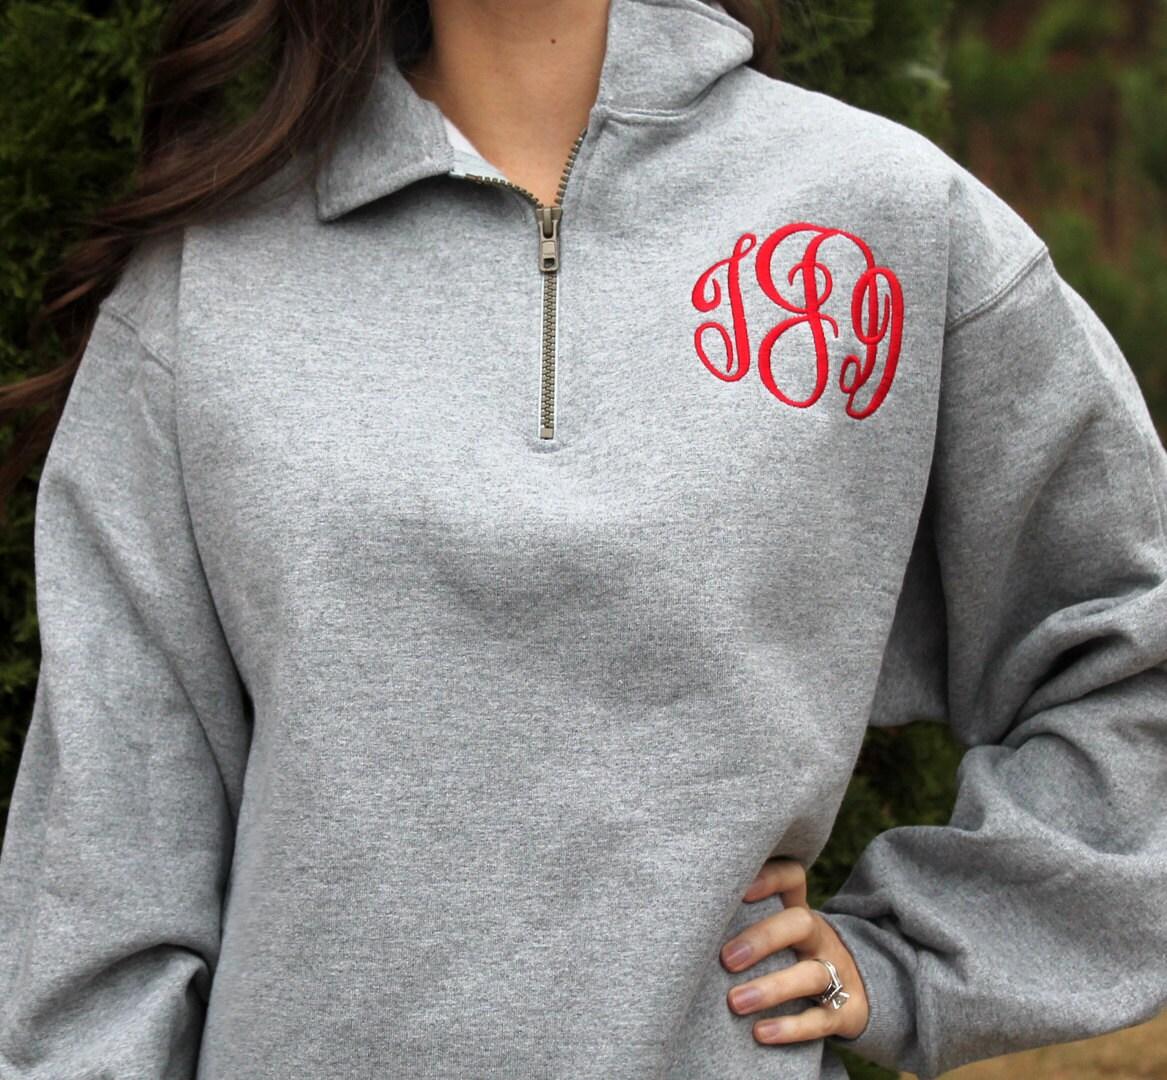 SALE Monogrammed Pullover Sweatshirt 1/4 Zip Monogrammed